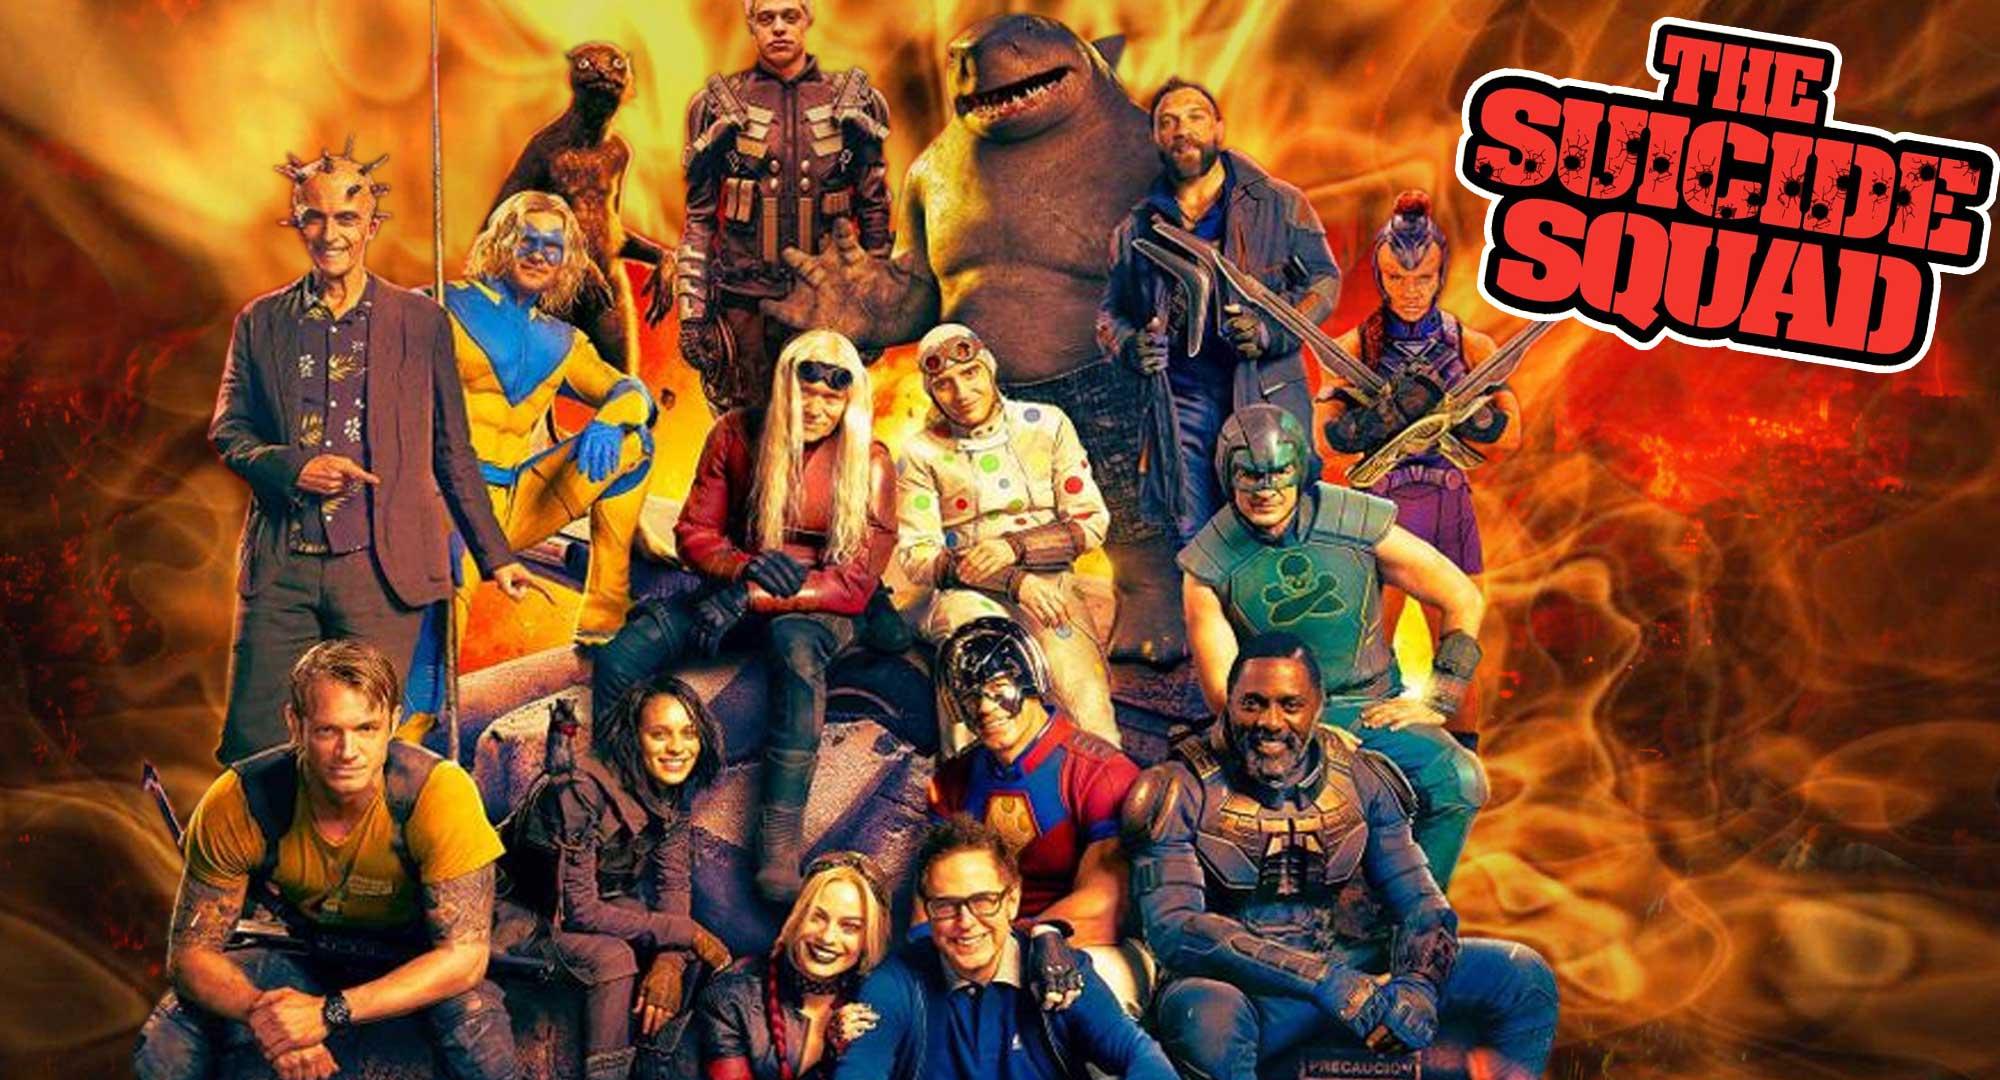 James Gunn confirma que alguns personagens aparecerão mais que outros em O  Esquadrão Suicida - Quarto Nerd